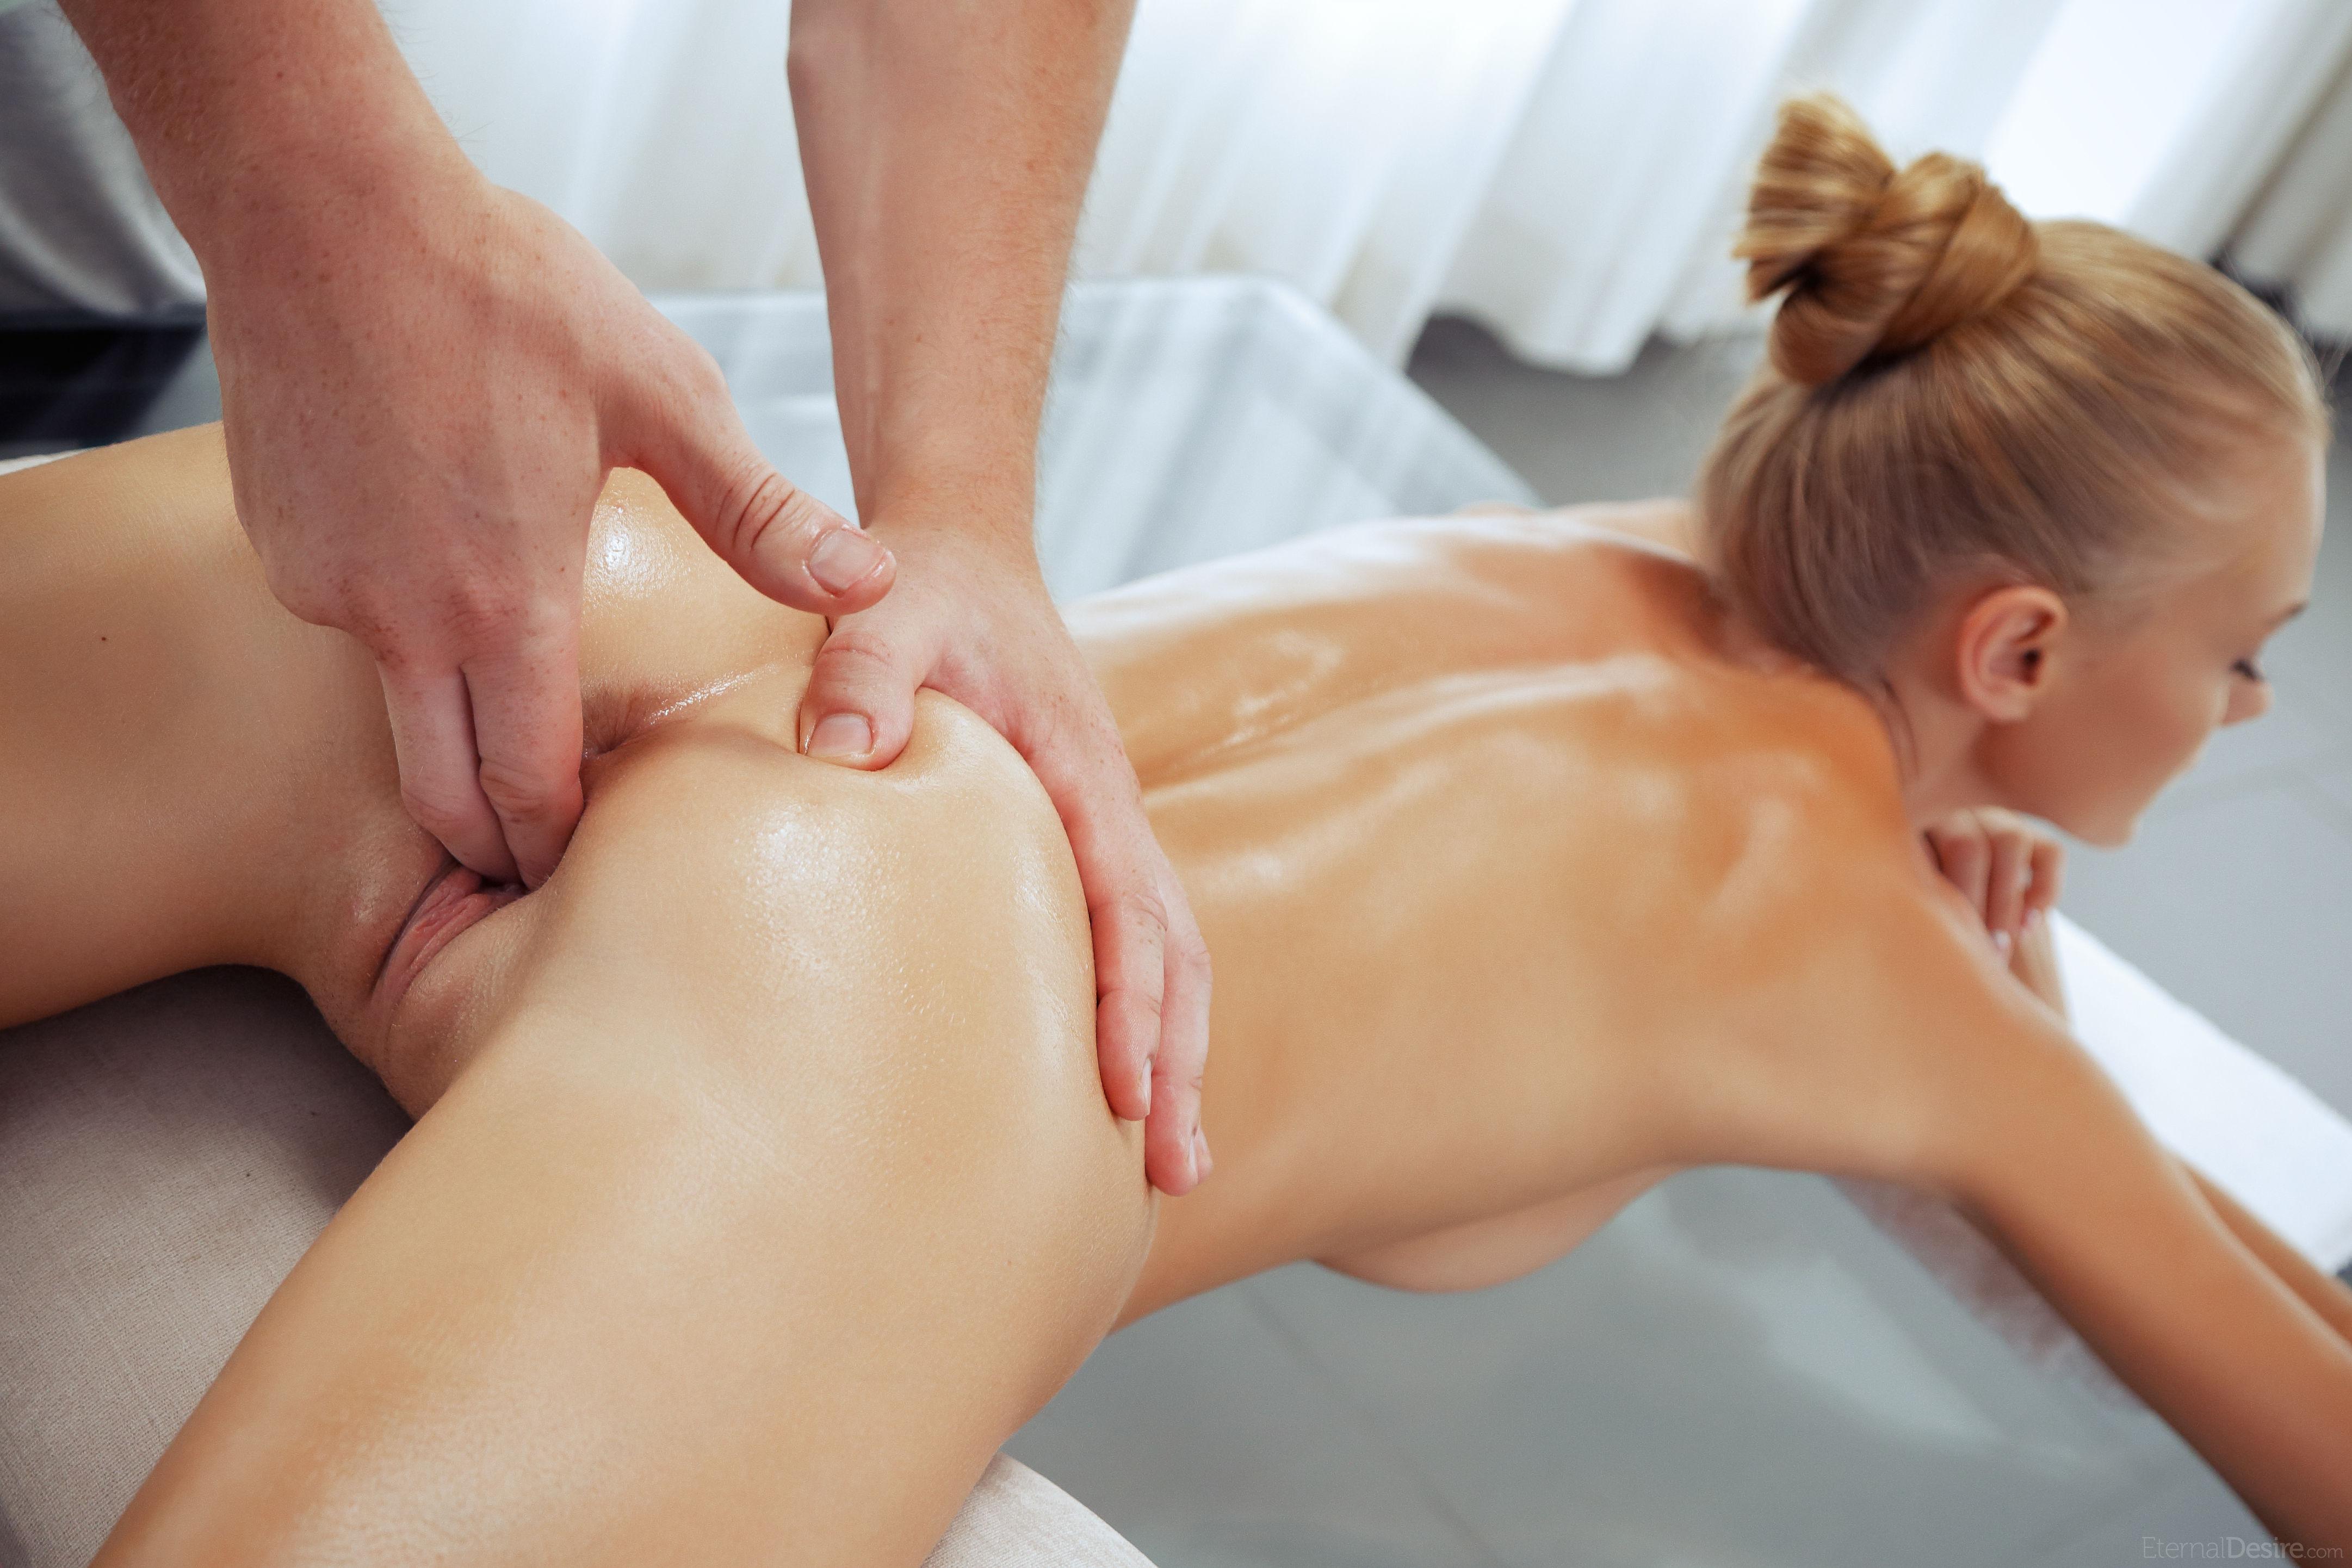 Смотреть девушка на массаже, Порно массаж с русскими девушками на 19 фотография